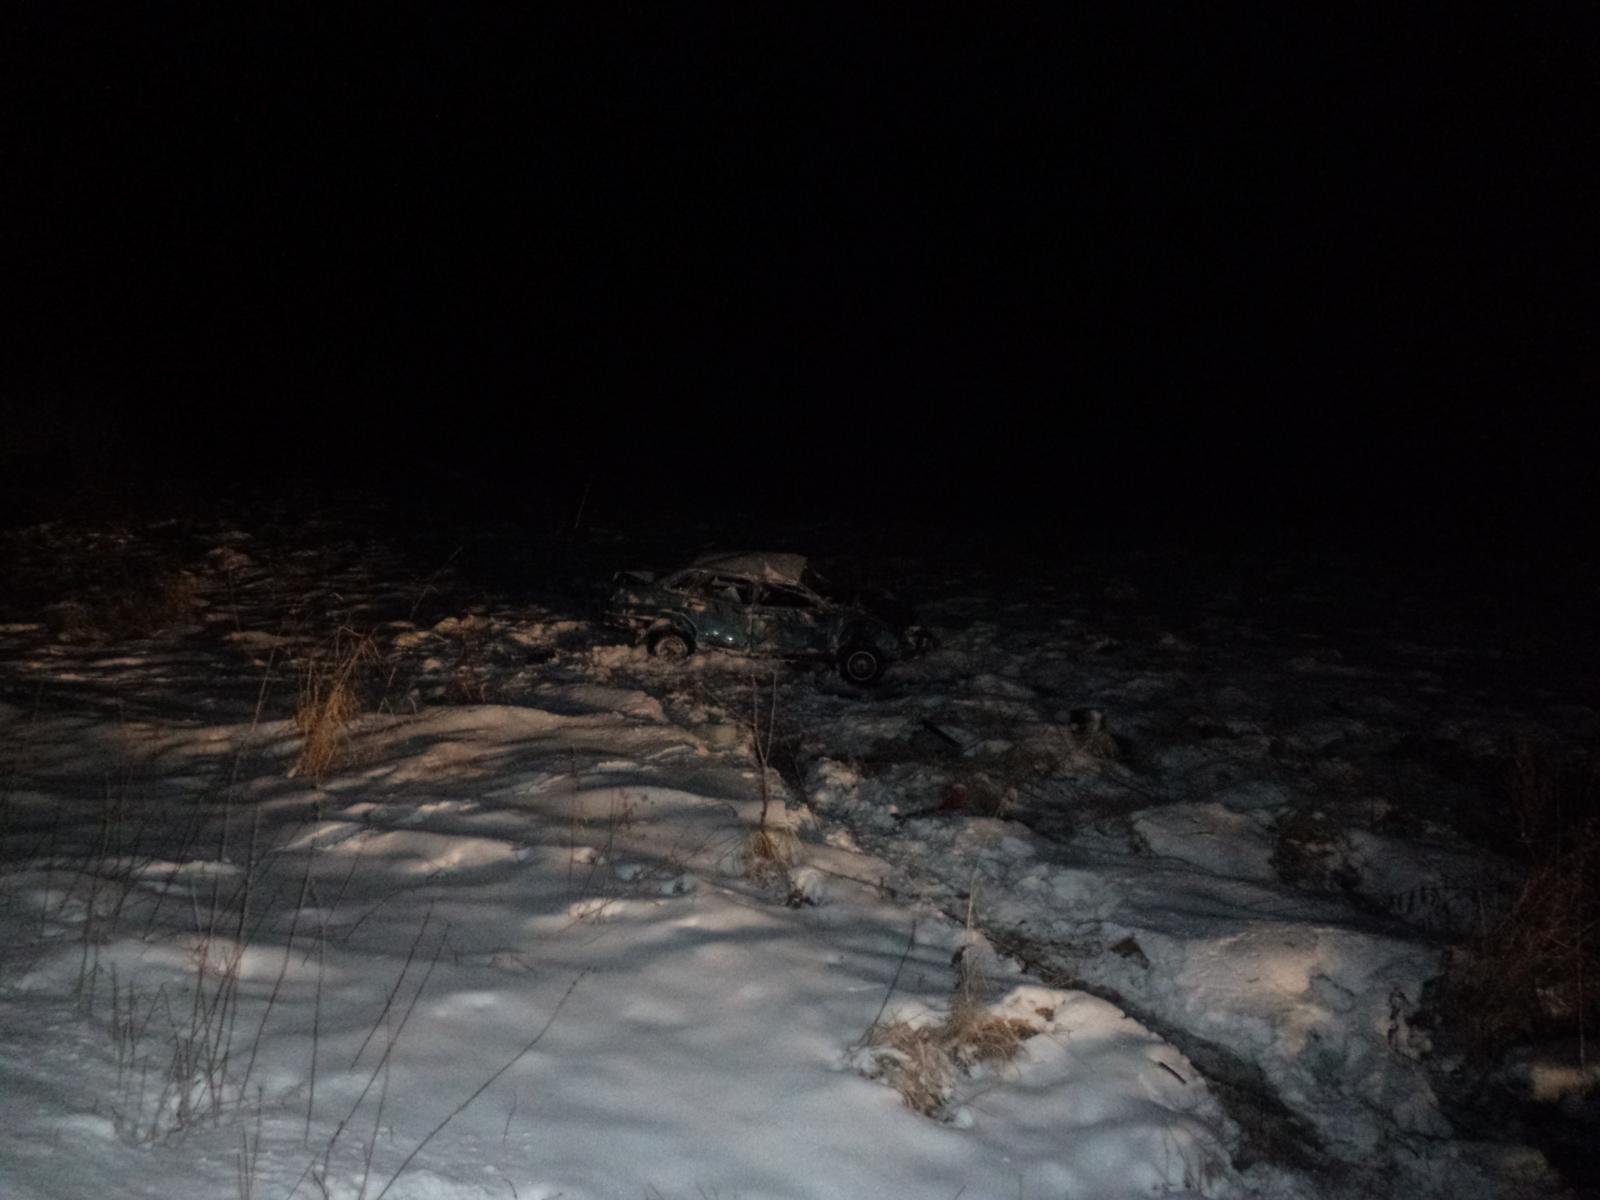 В Чепецком районе авто съехало в кювет и перевернулось